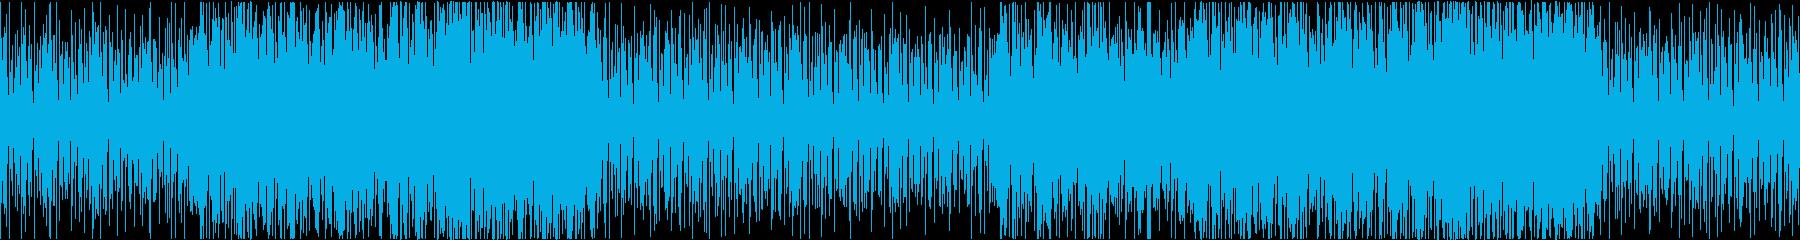 おしゃれで爽やか、ゆったりしたloop曲の再生済みの波形